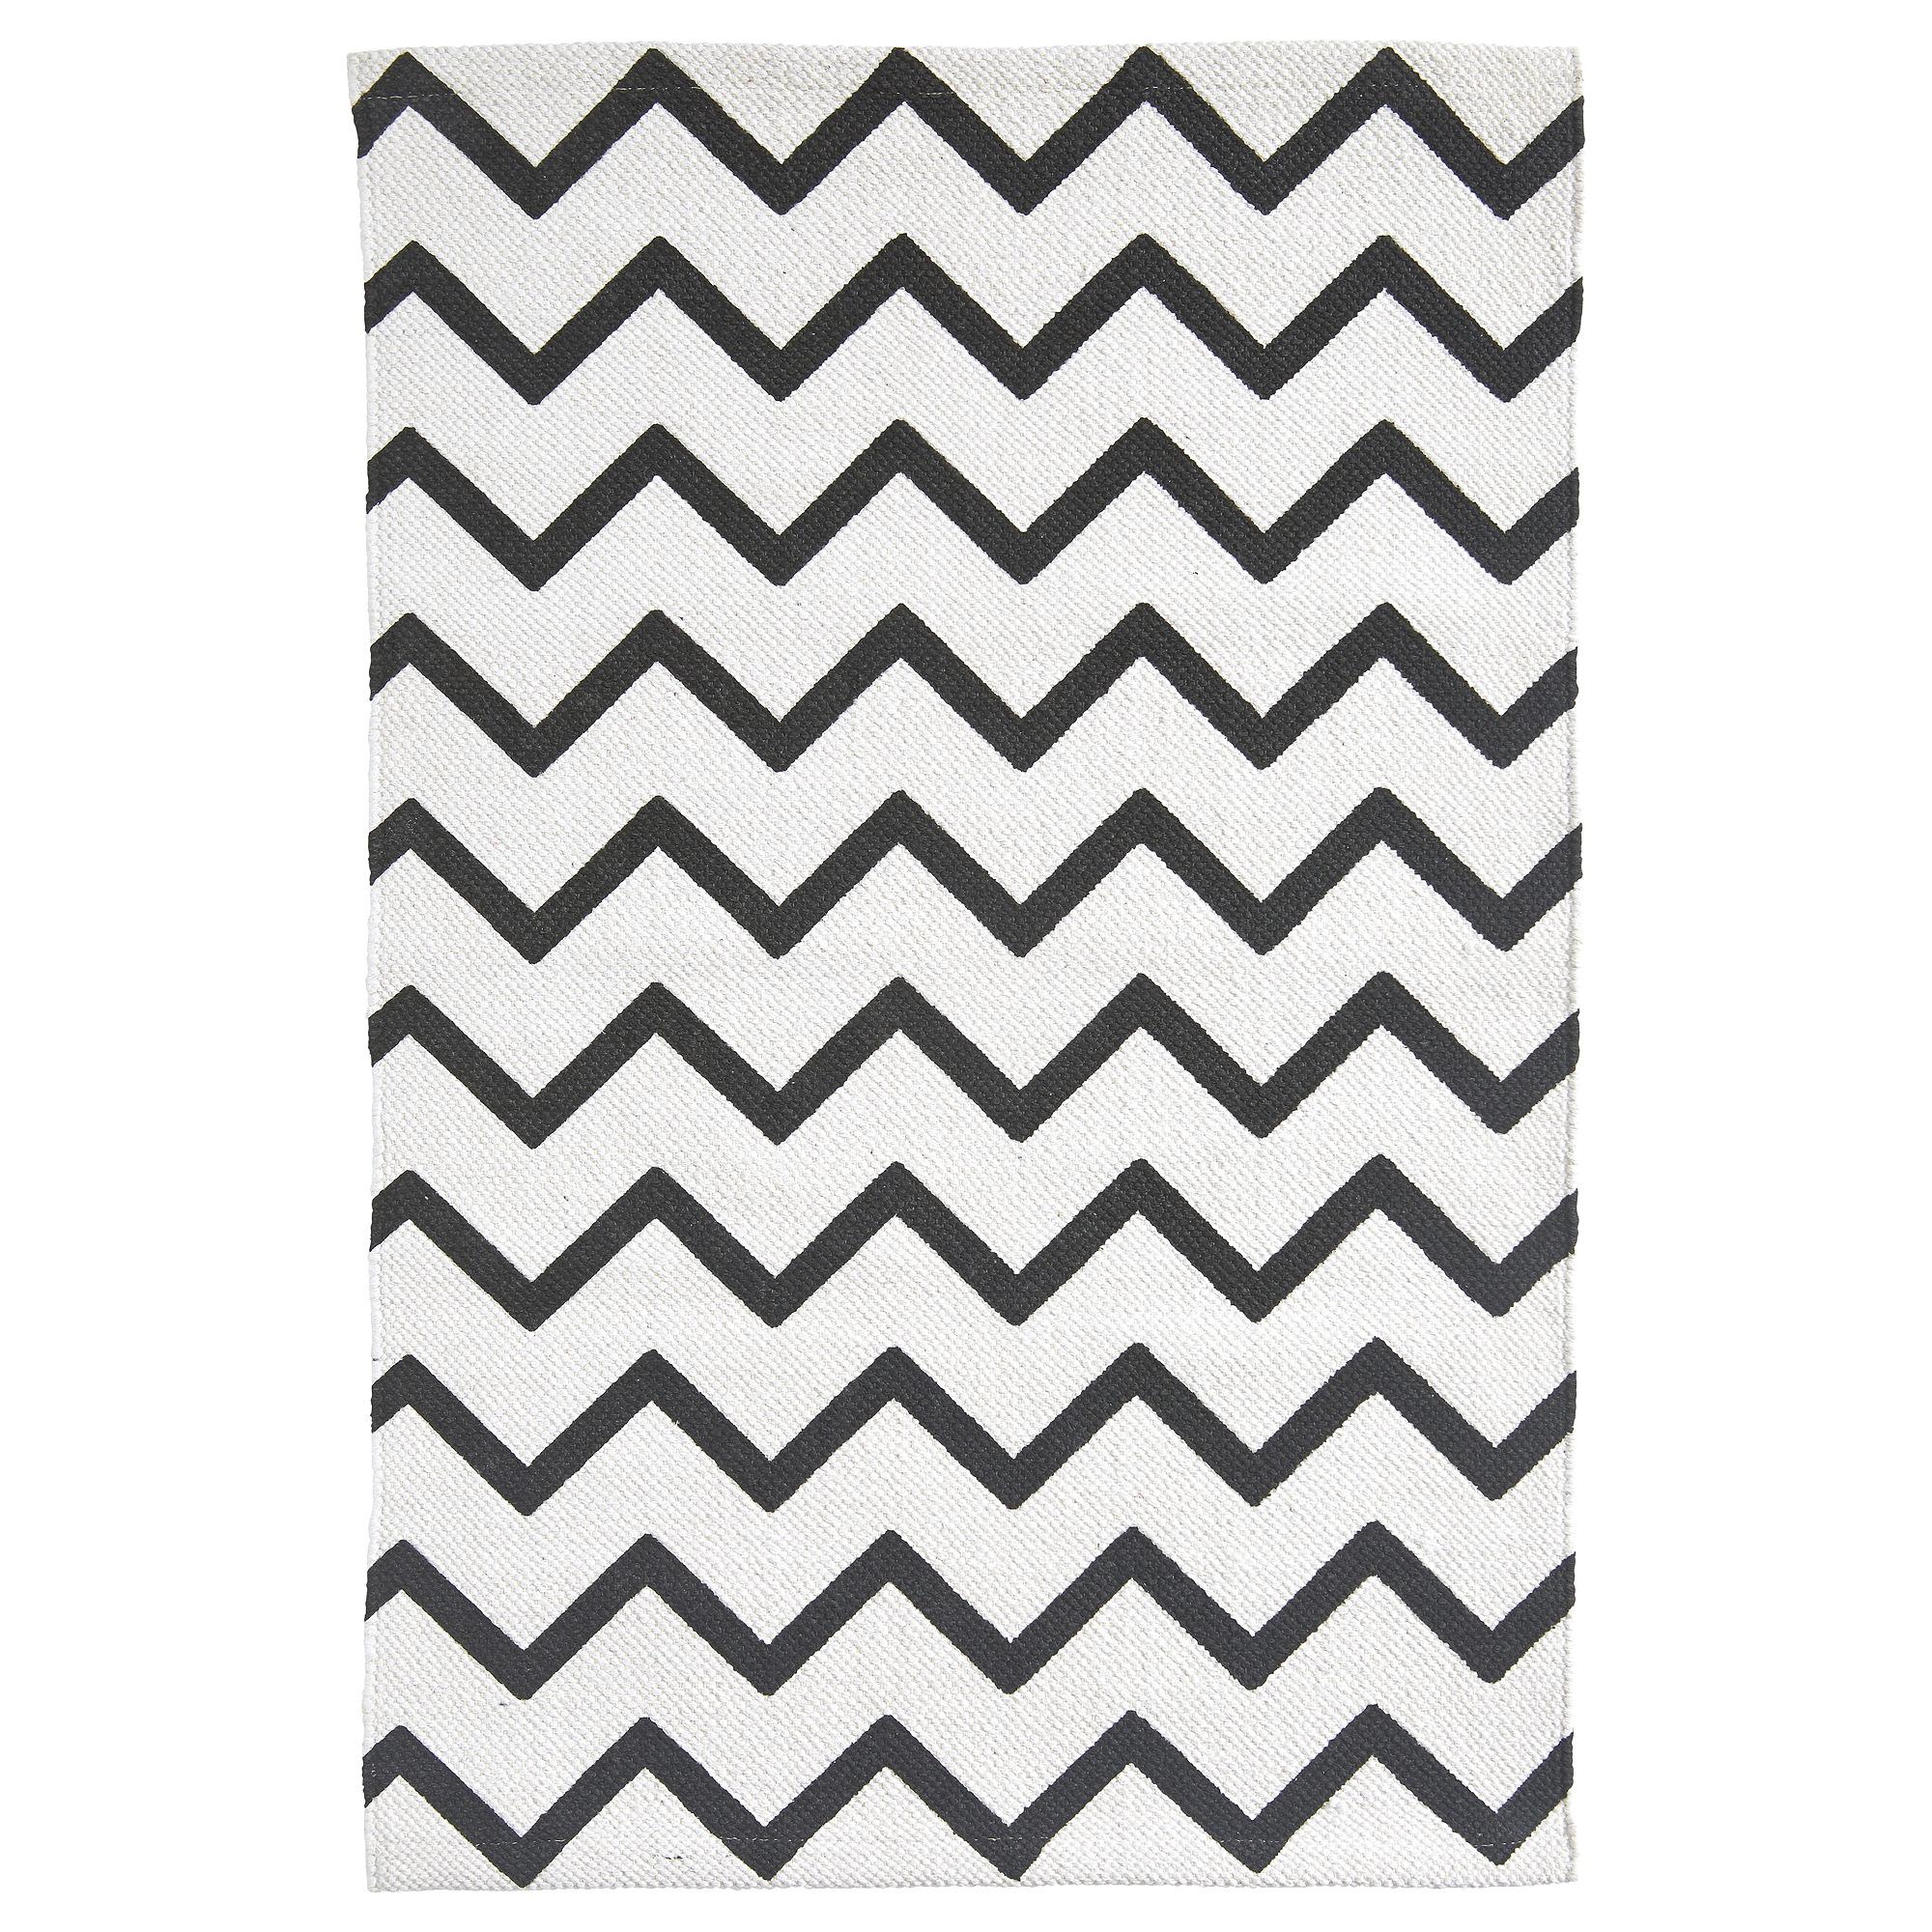 Vloerkleed bombay zigzag zwart wit 60x90 cm vloerkleden woonaccessoires meubelen karwei - Tegelvloer patroon ...